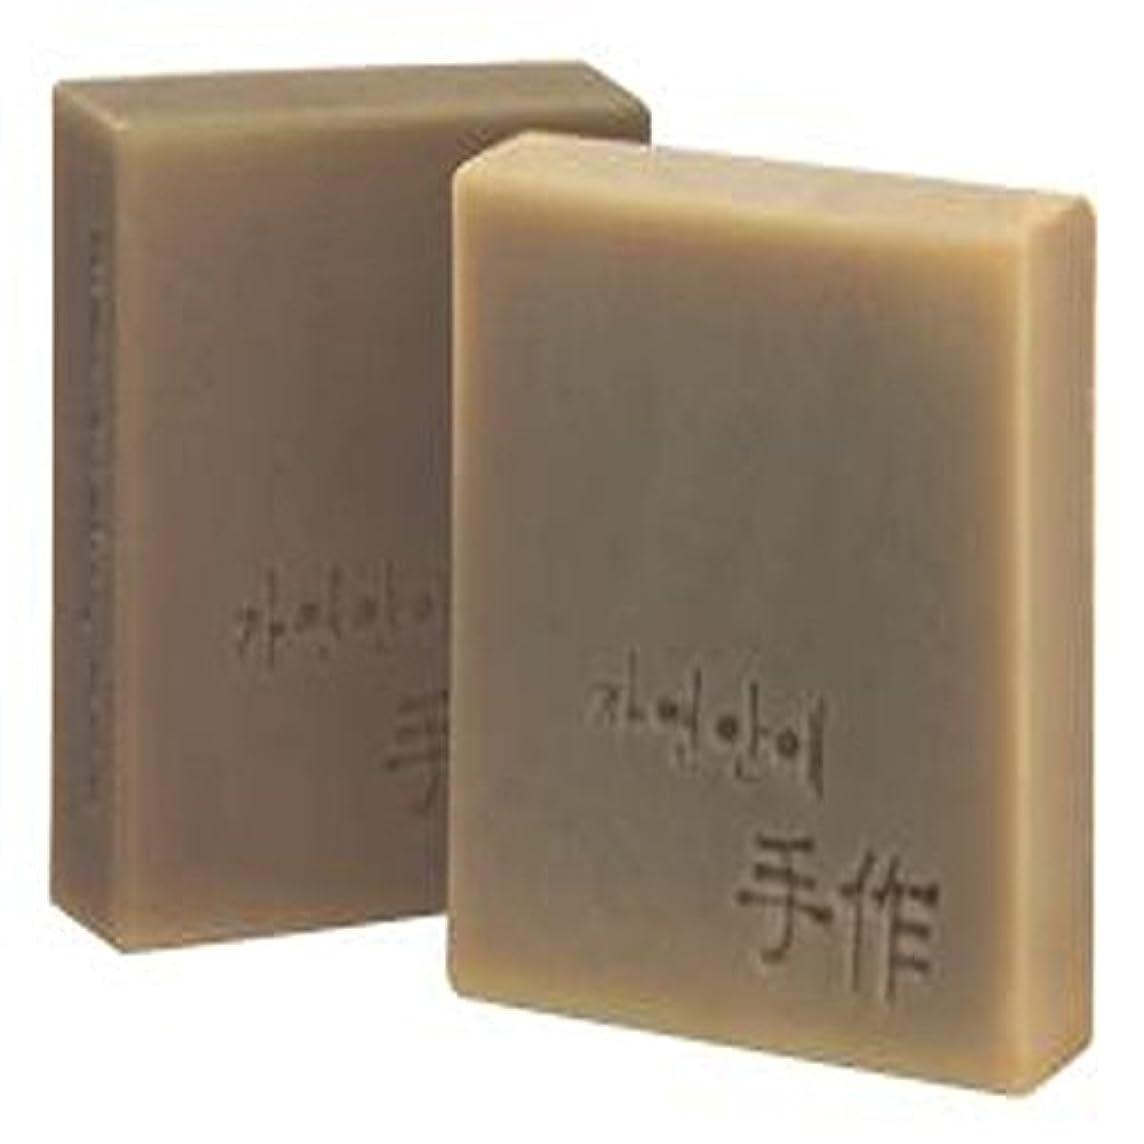 届ける慰めハウスNatural organic 有機天然ソープ 固形 無添加 洗顔せっけんクレンジング [並行輸入品] (SEOSIOKYOUNGSAN)